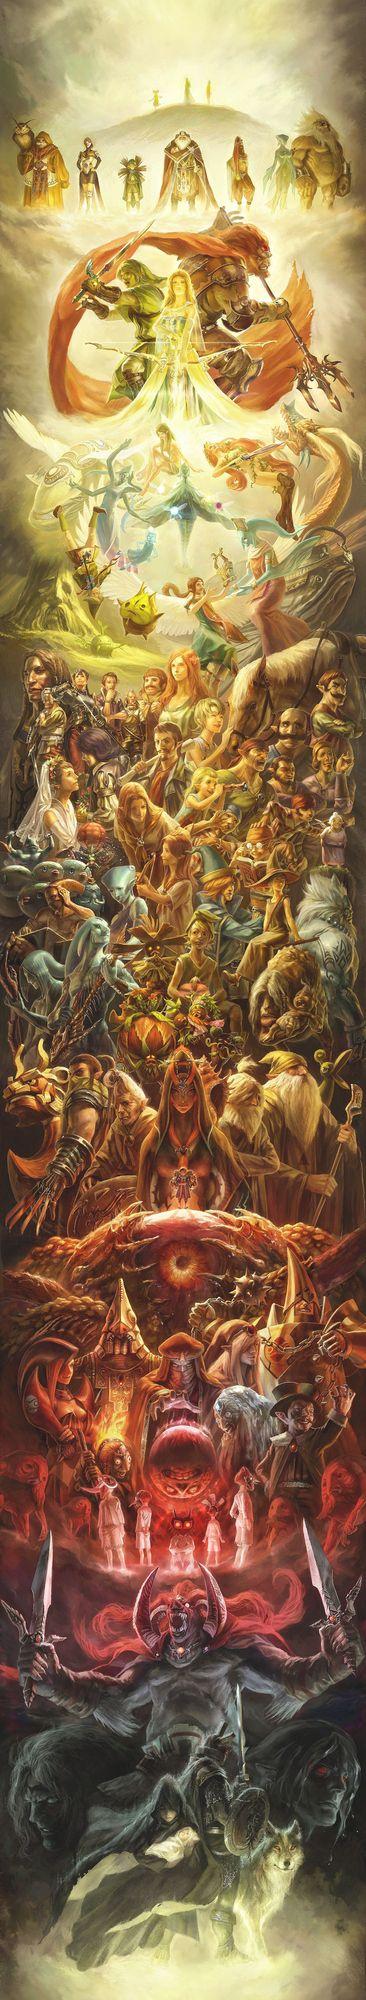 Most Epic Legend of Zelda Fanart of All Time